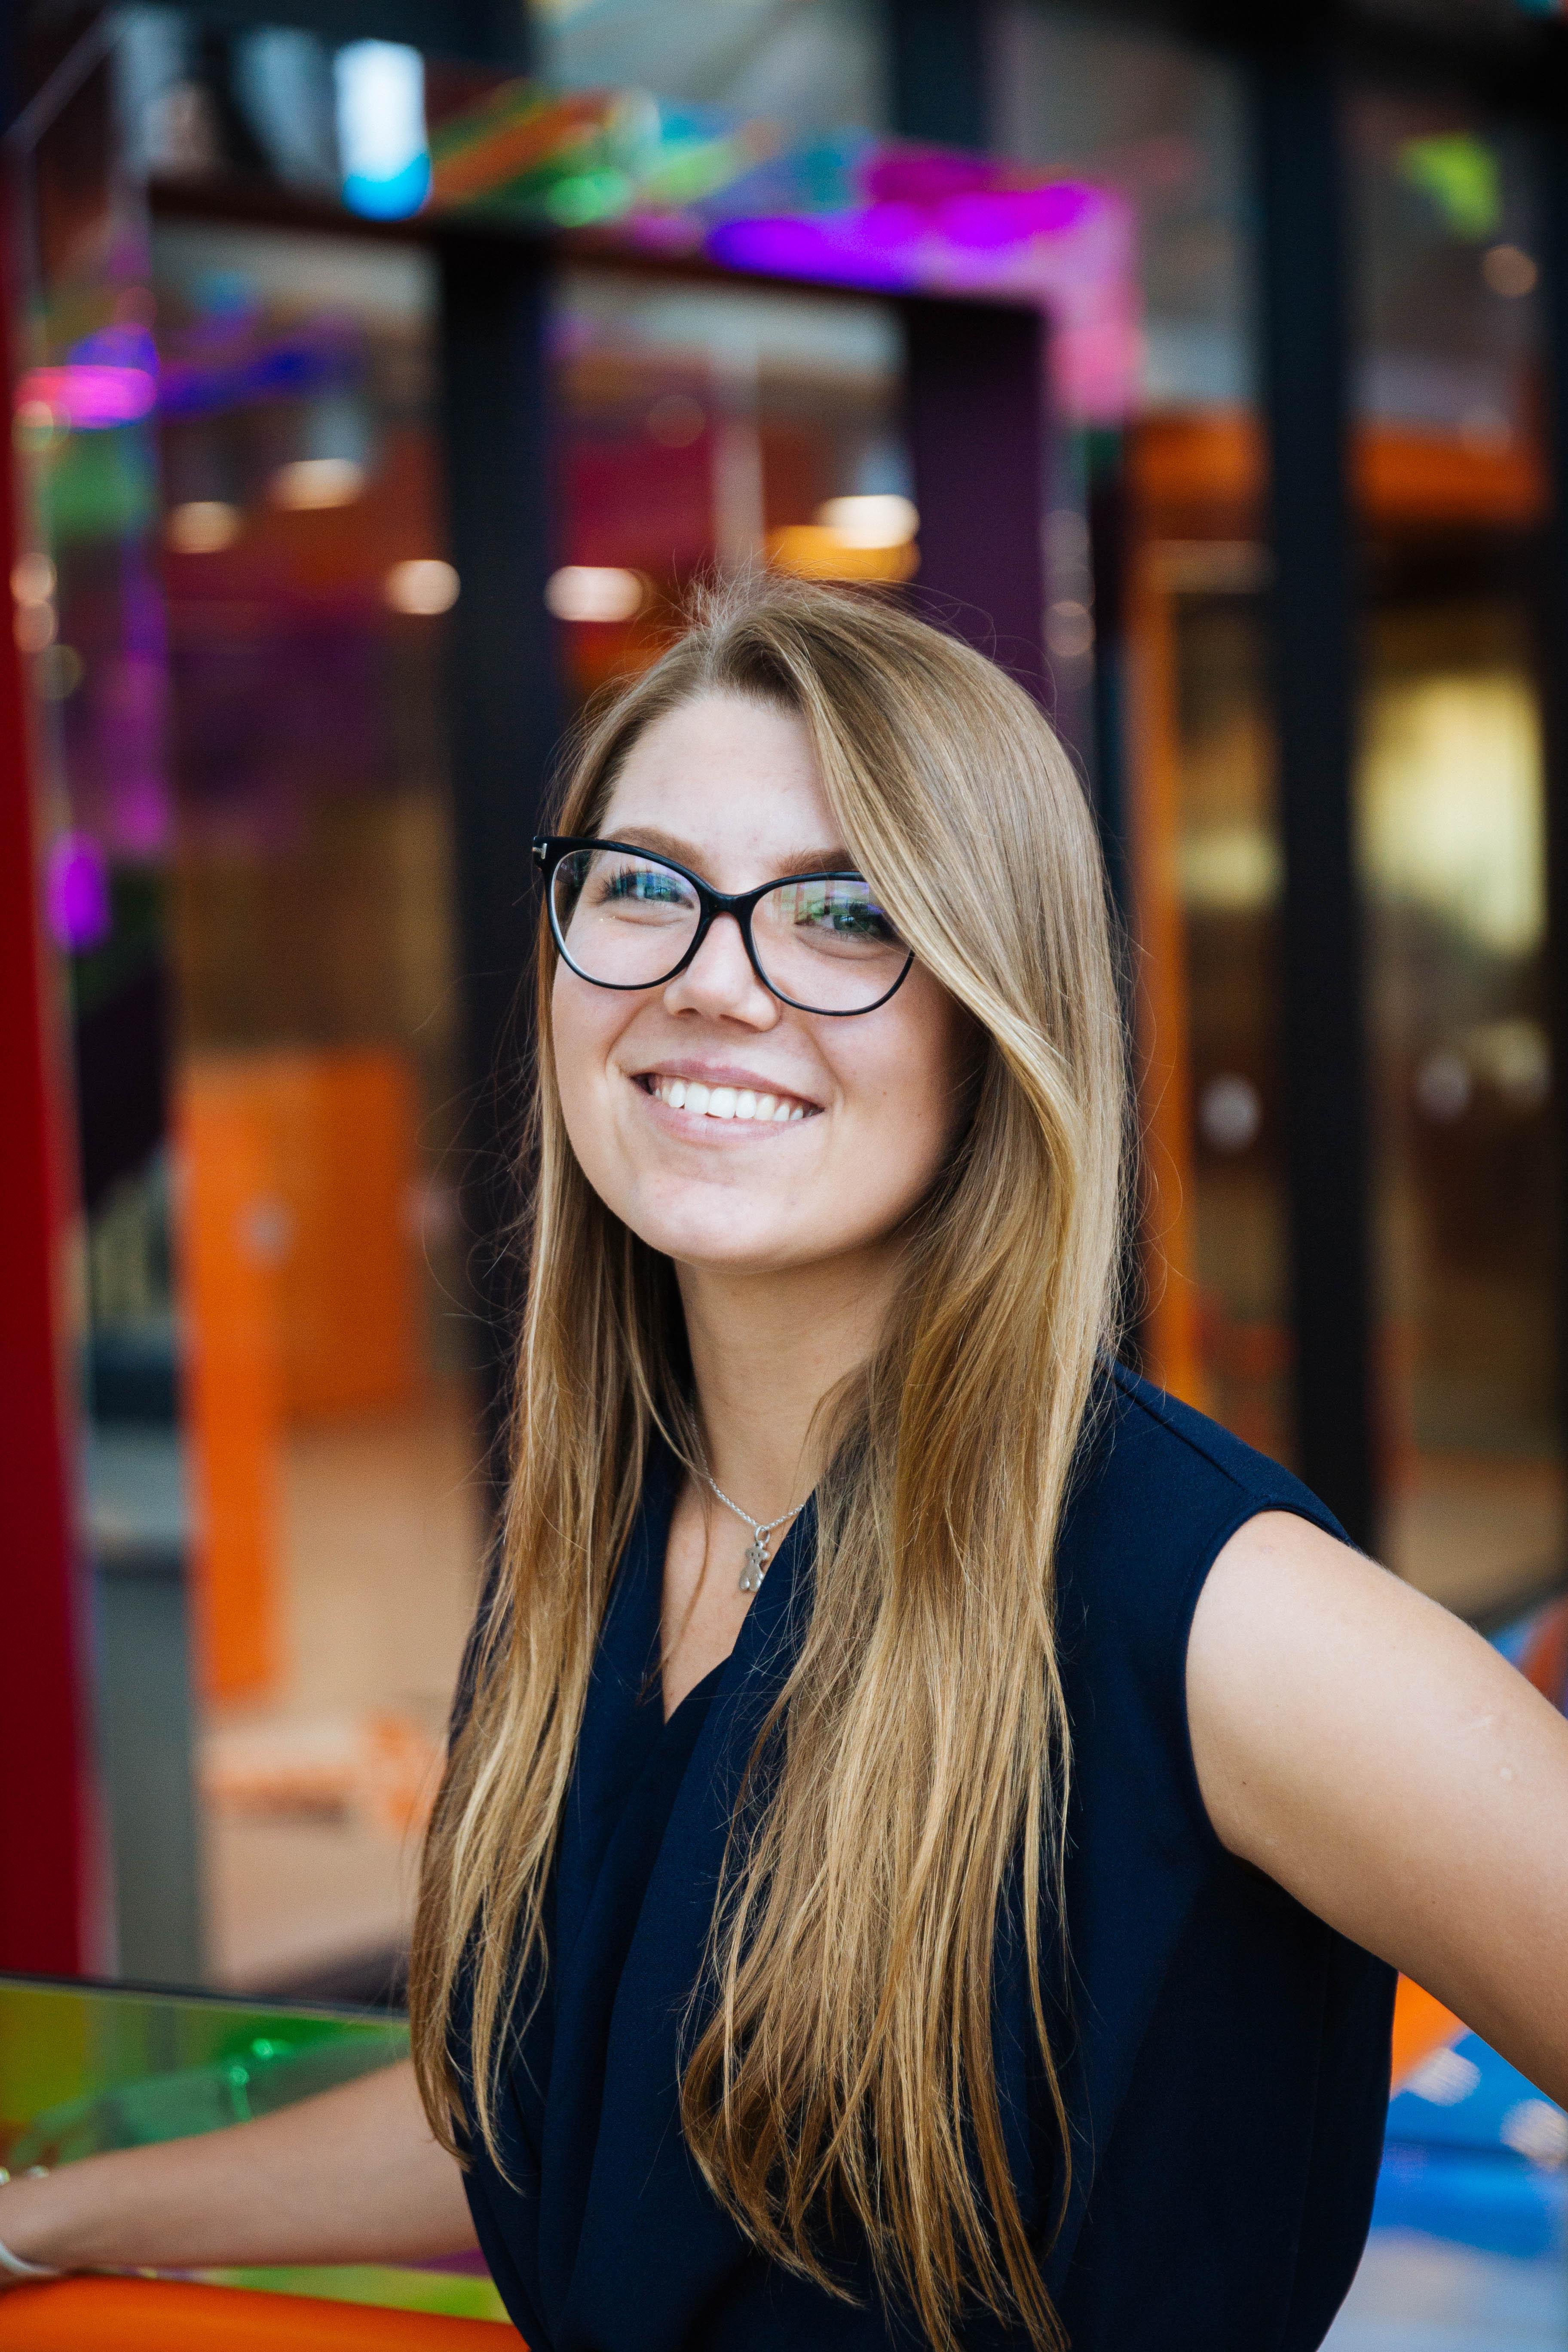 ПОИСКОВАЯ ОПЕРАЦИЯ: Мария Лукаш из дублинского офиса Google о работе, на которой можно жить. По своей воле.